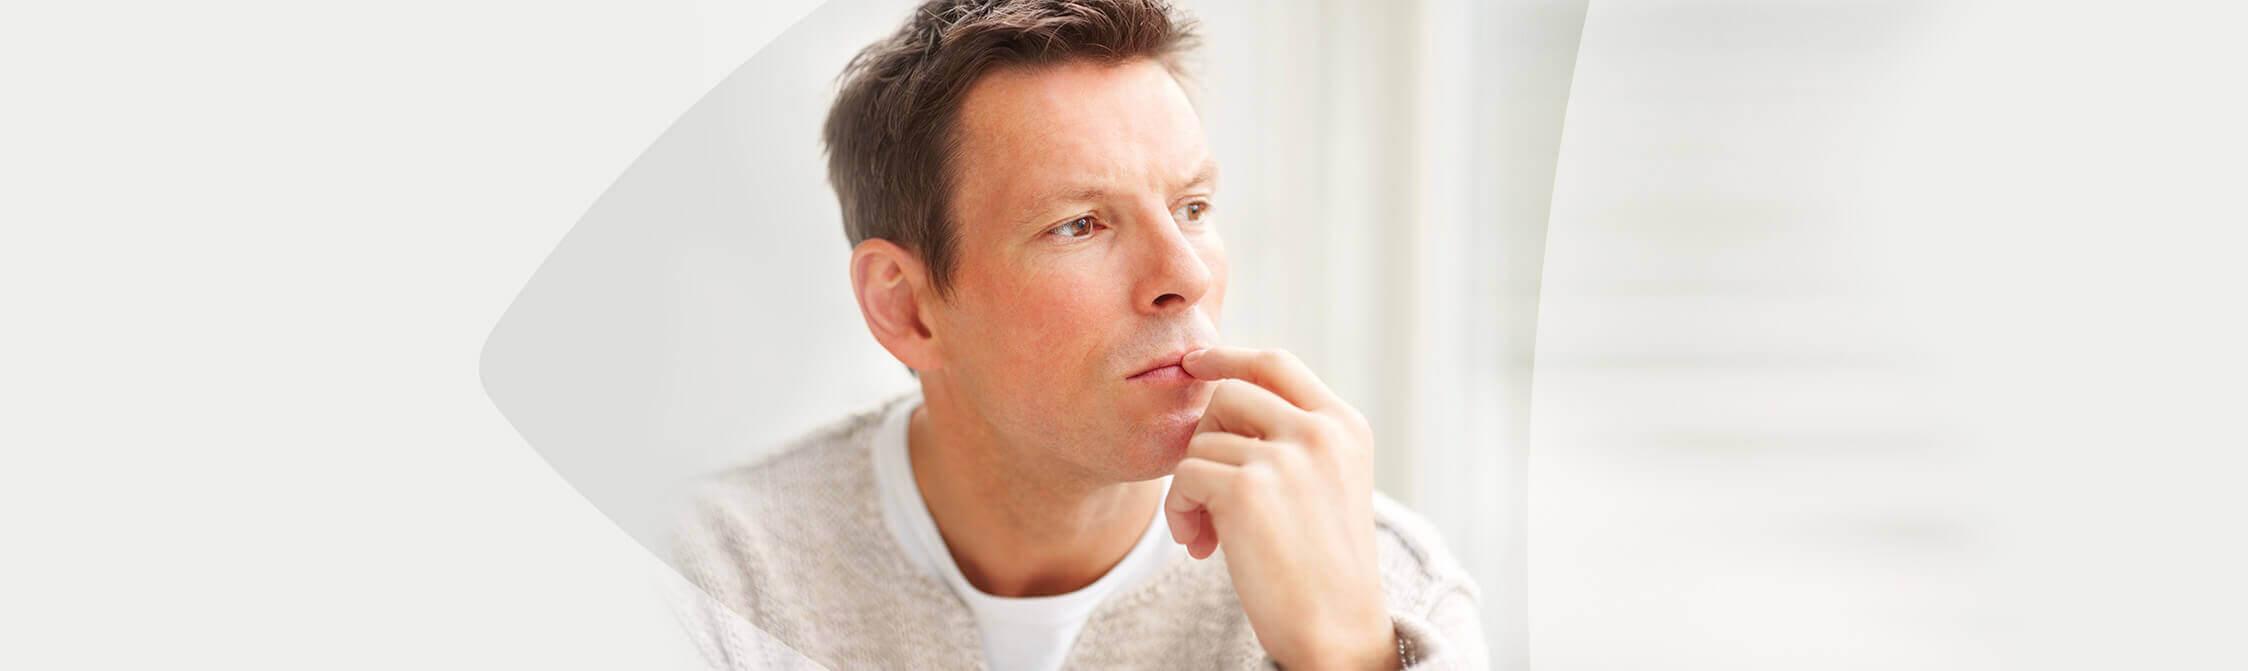 Un homme est assit à une fenêtre, l'air pensif